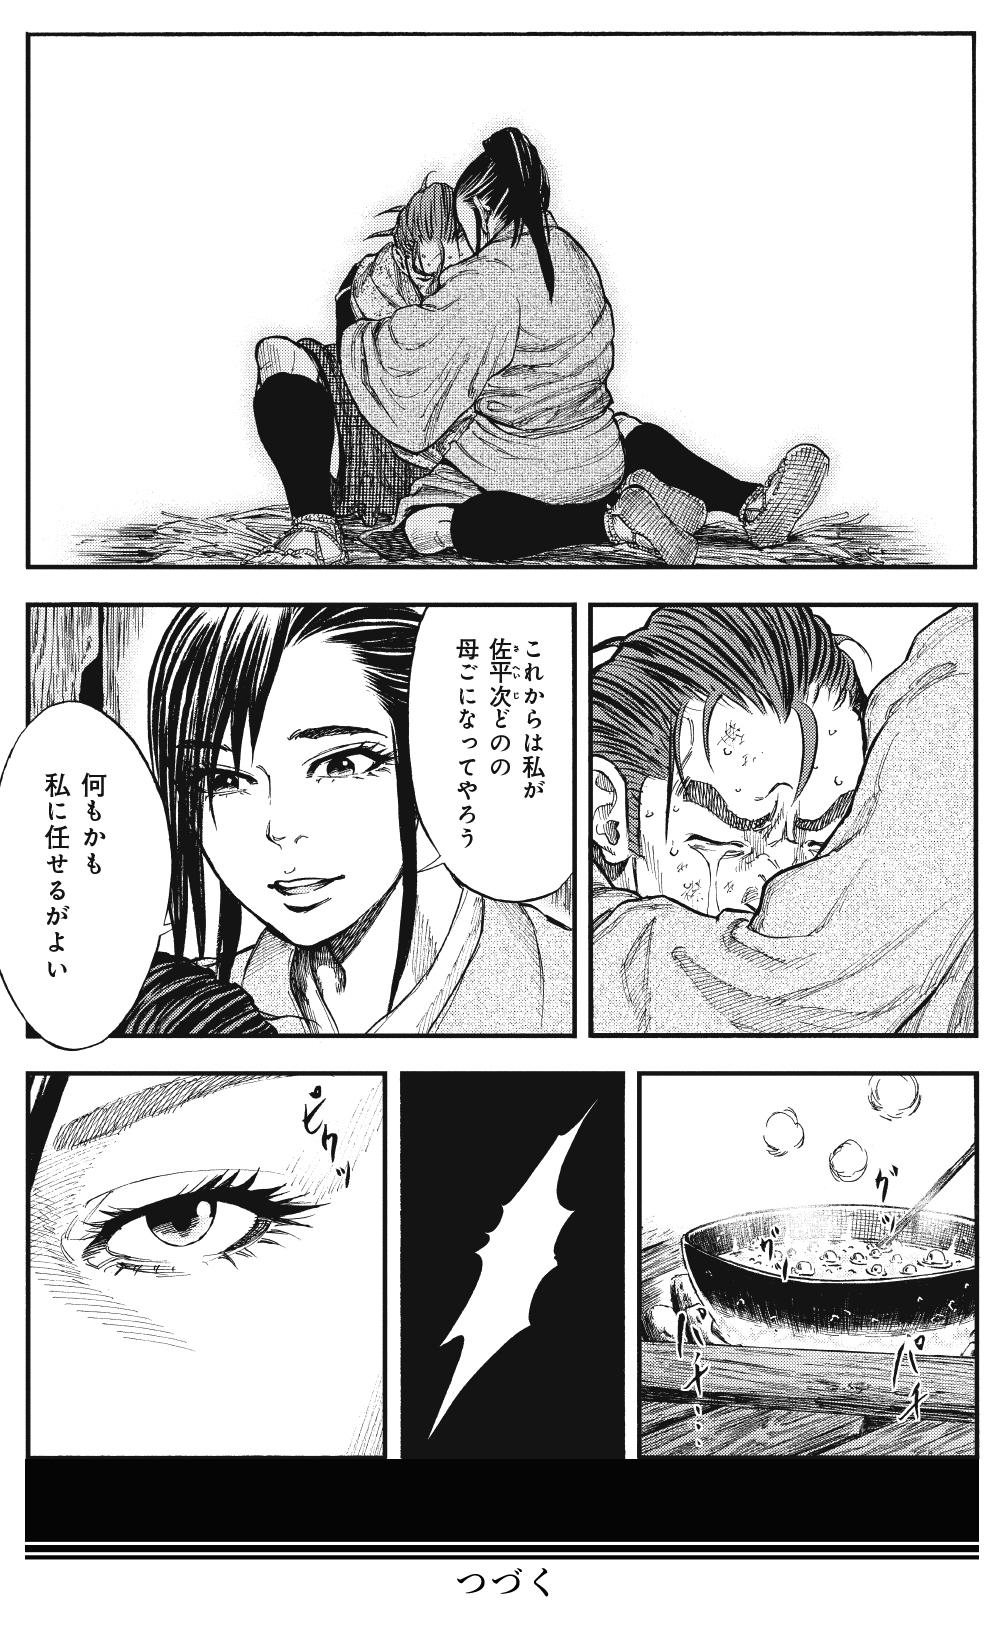 真田太平記 第6話「忍び小屋」①sanada11-09.jpg